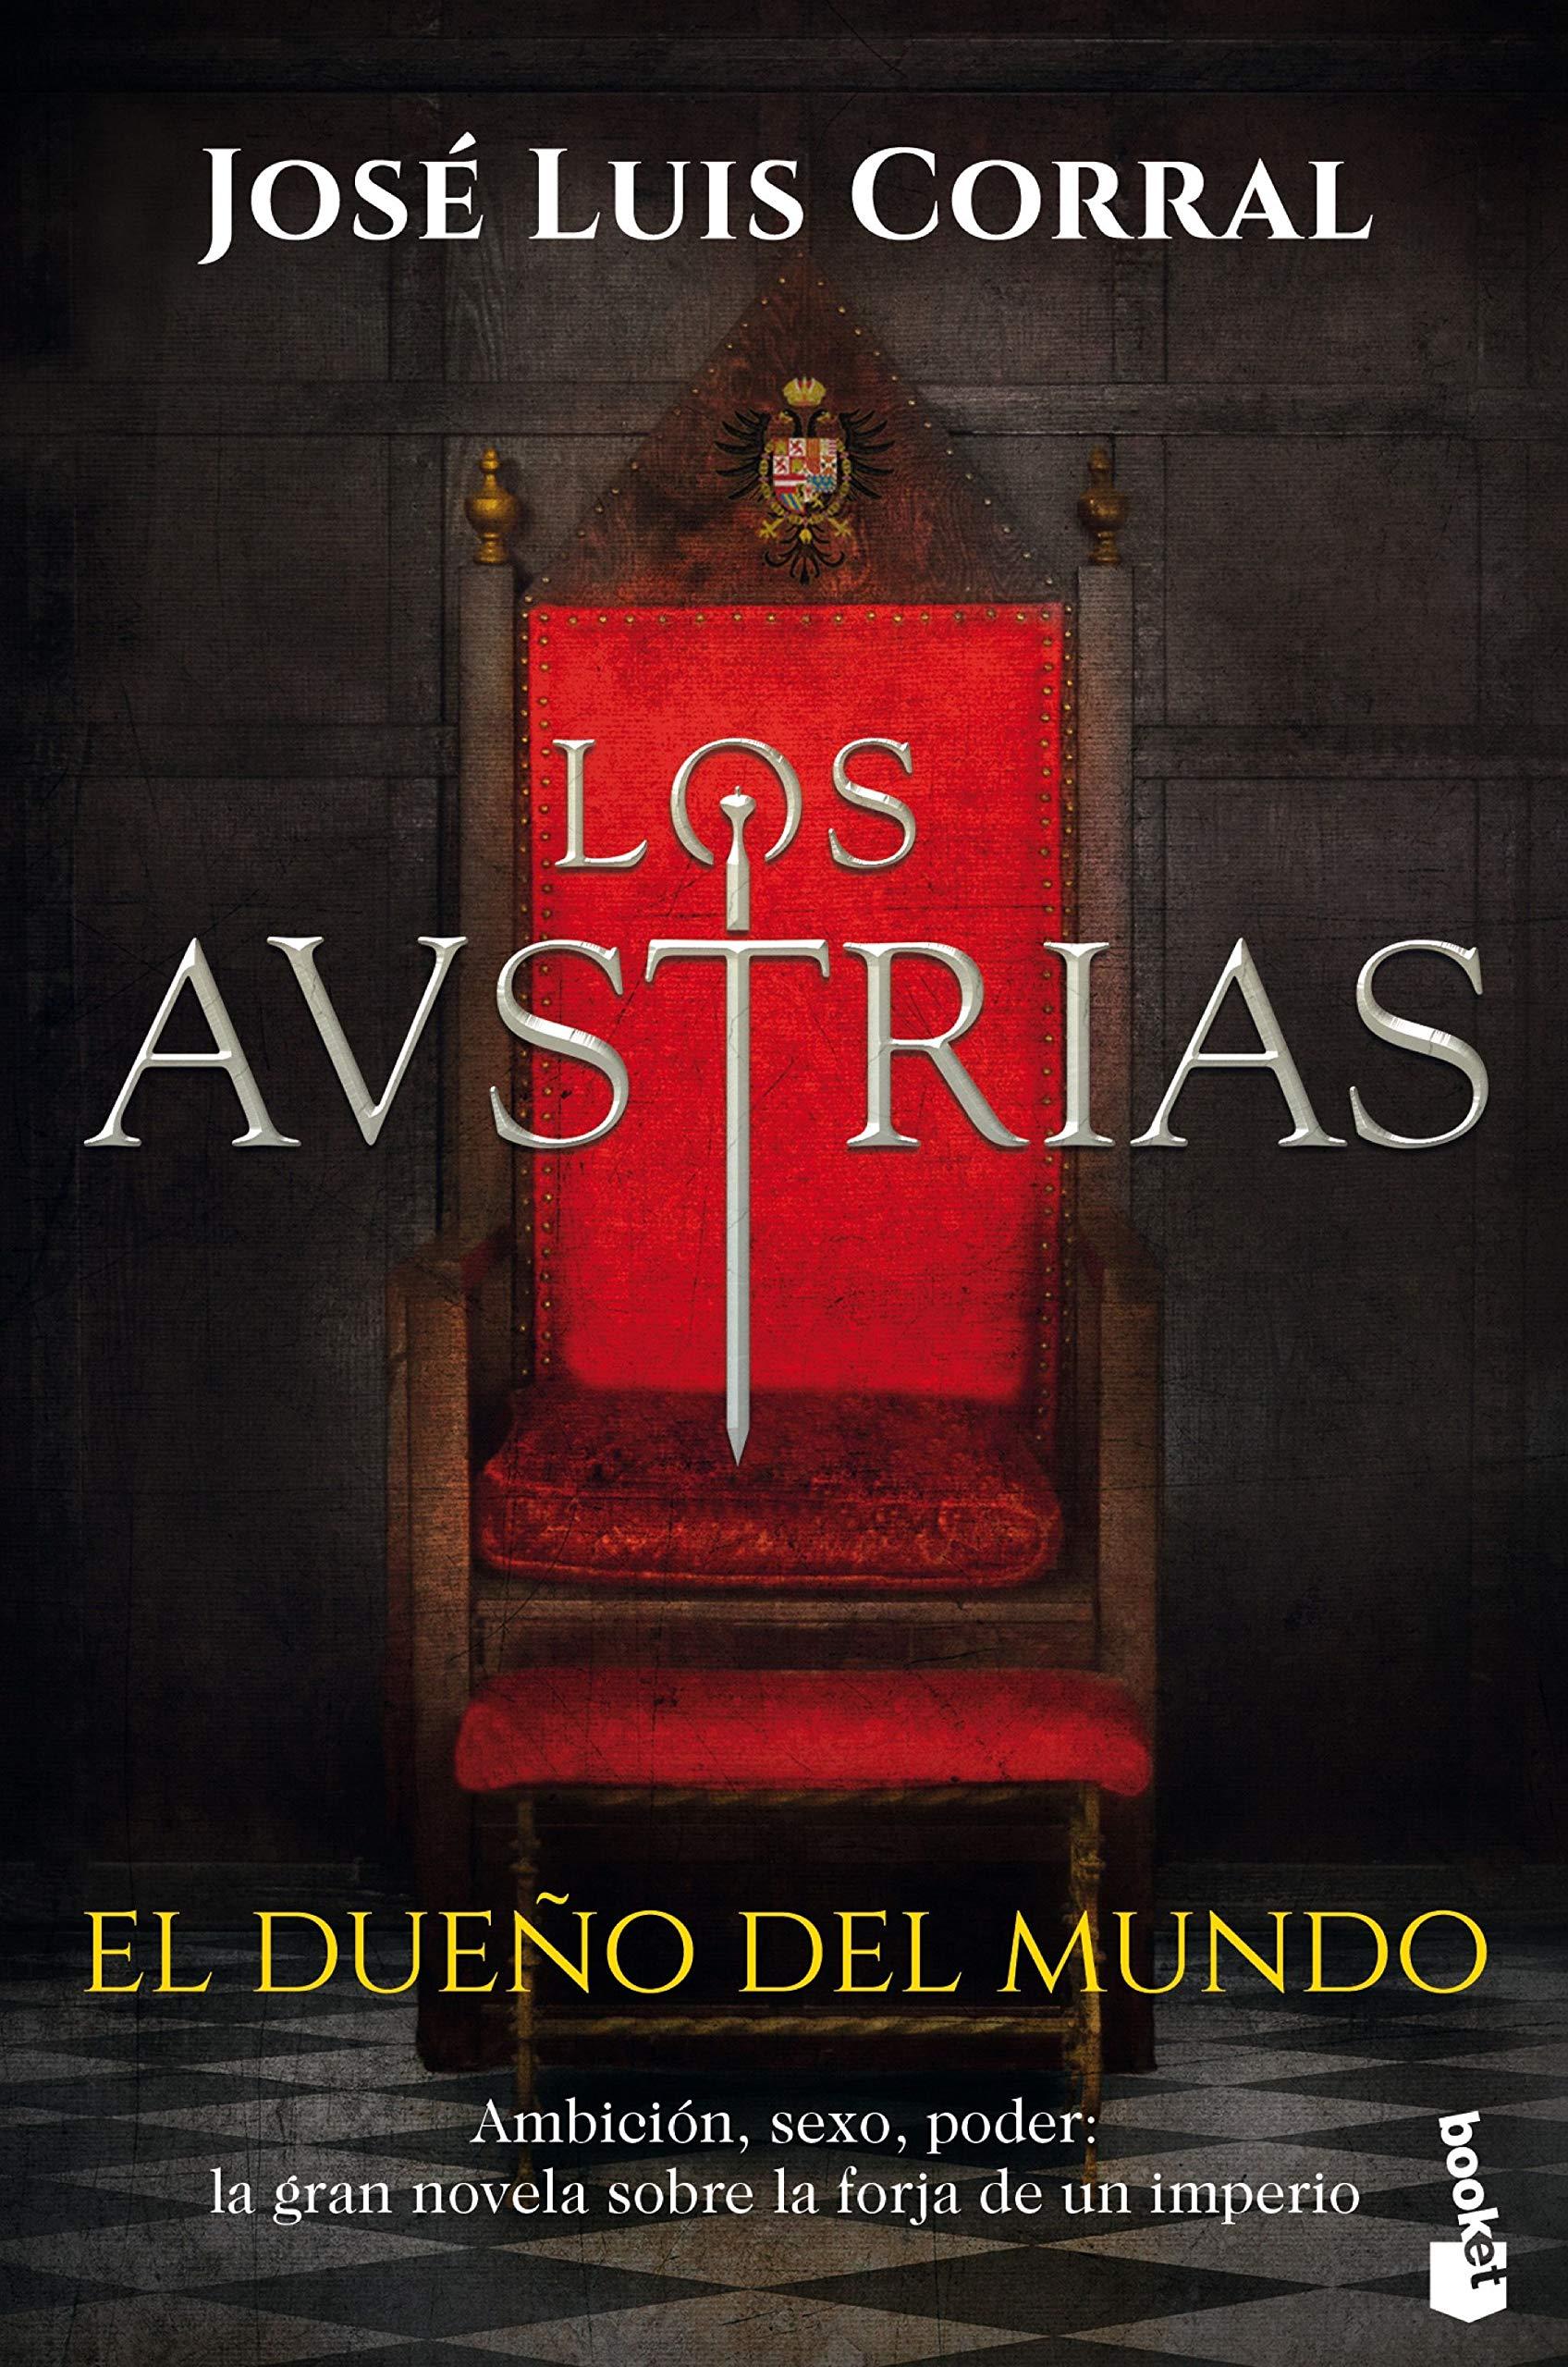 Los Austrias. El dueño del mundo (Novela histórica): Amazon.es: Corral, José Luis: Libros